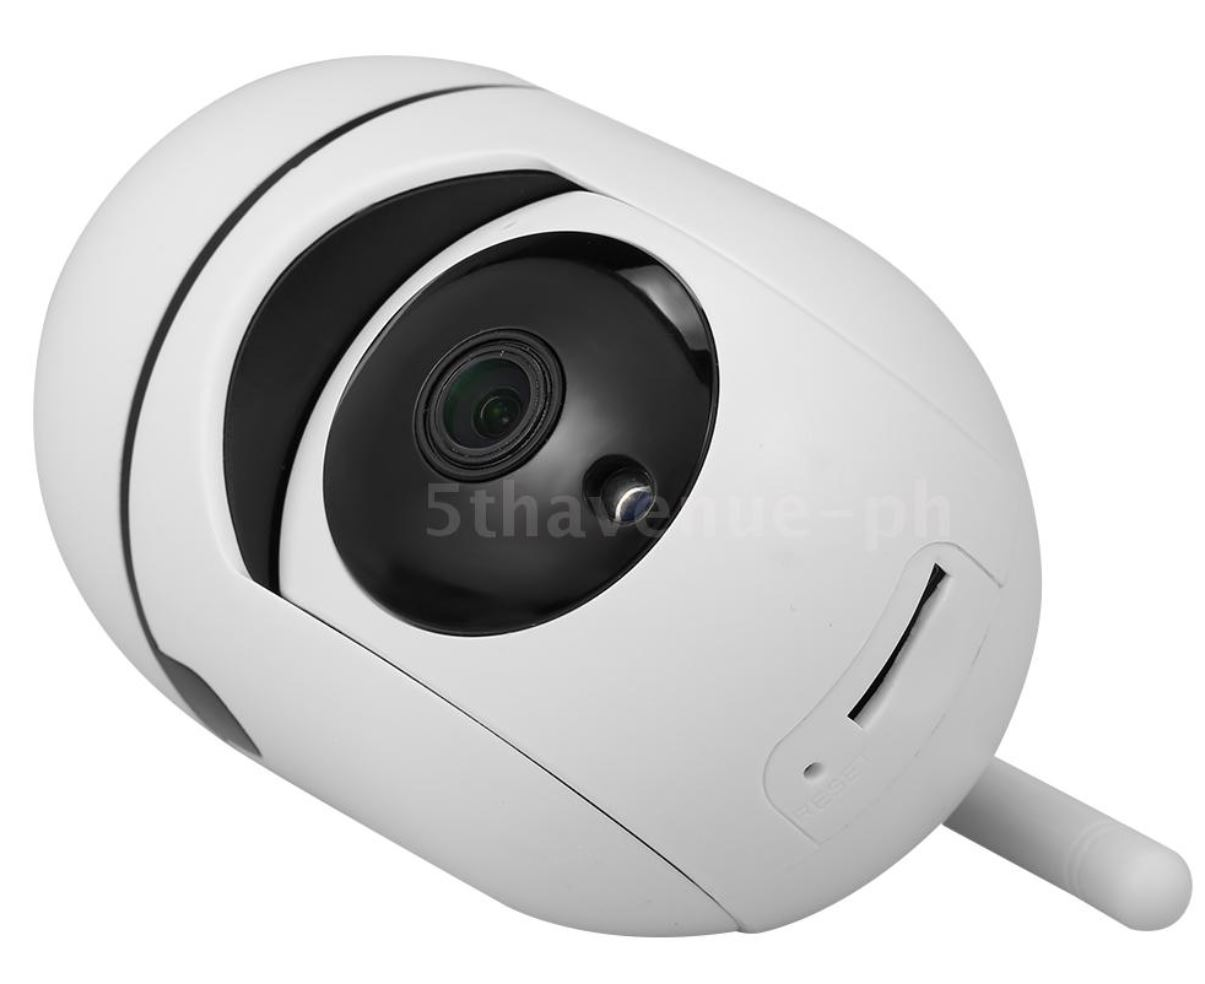 Solo 18,99 euro per la videocamera di sicurezza per esterni